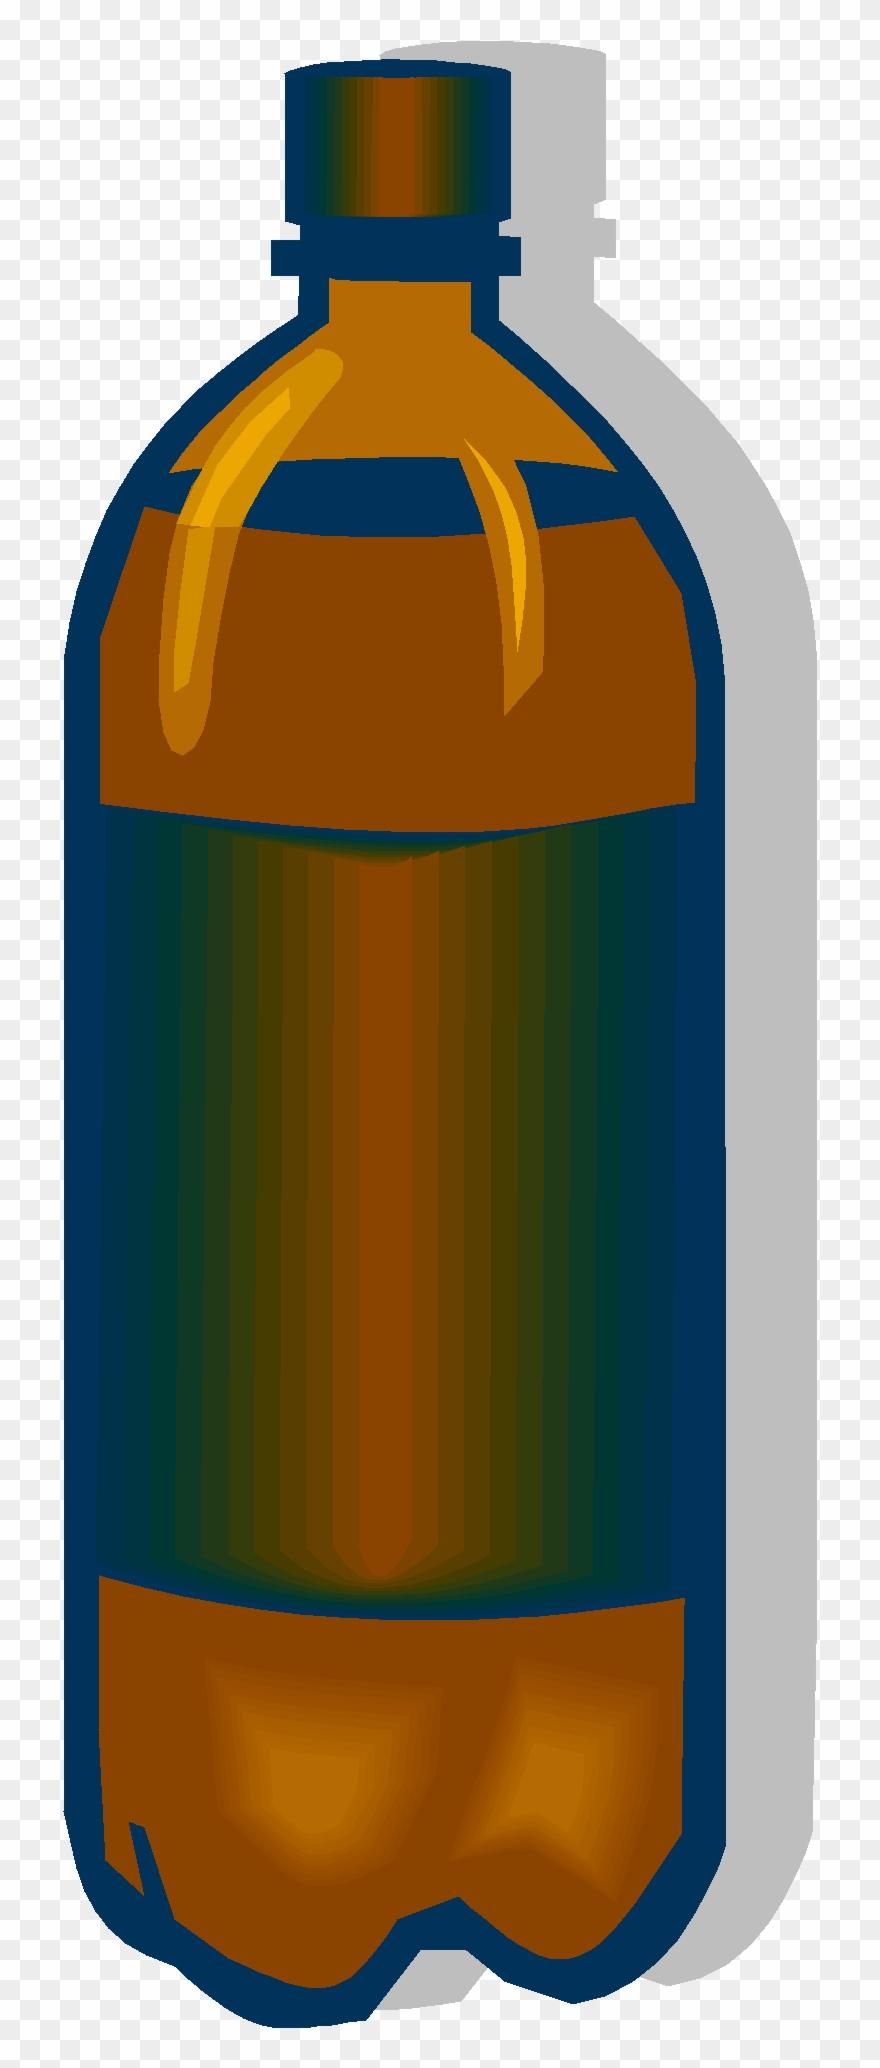 glass-bottle # 4851625